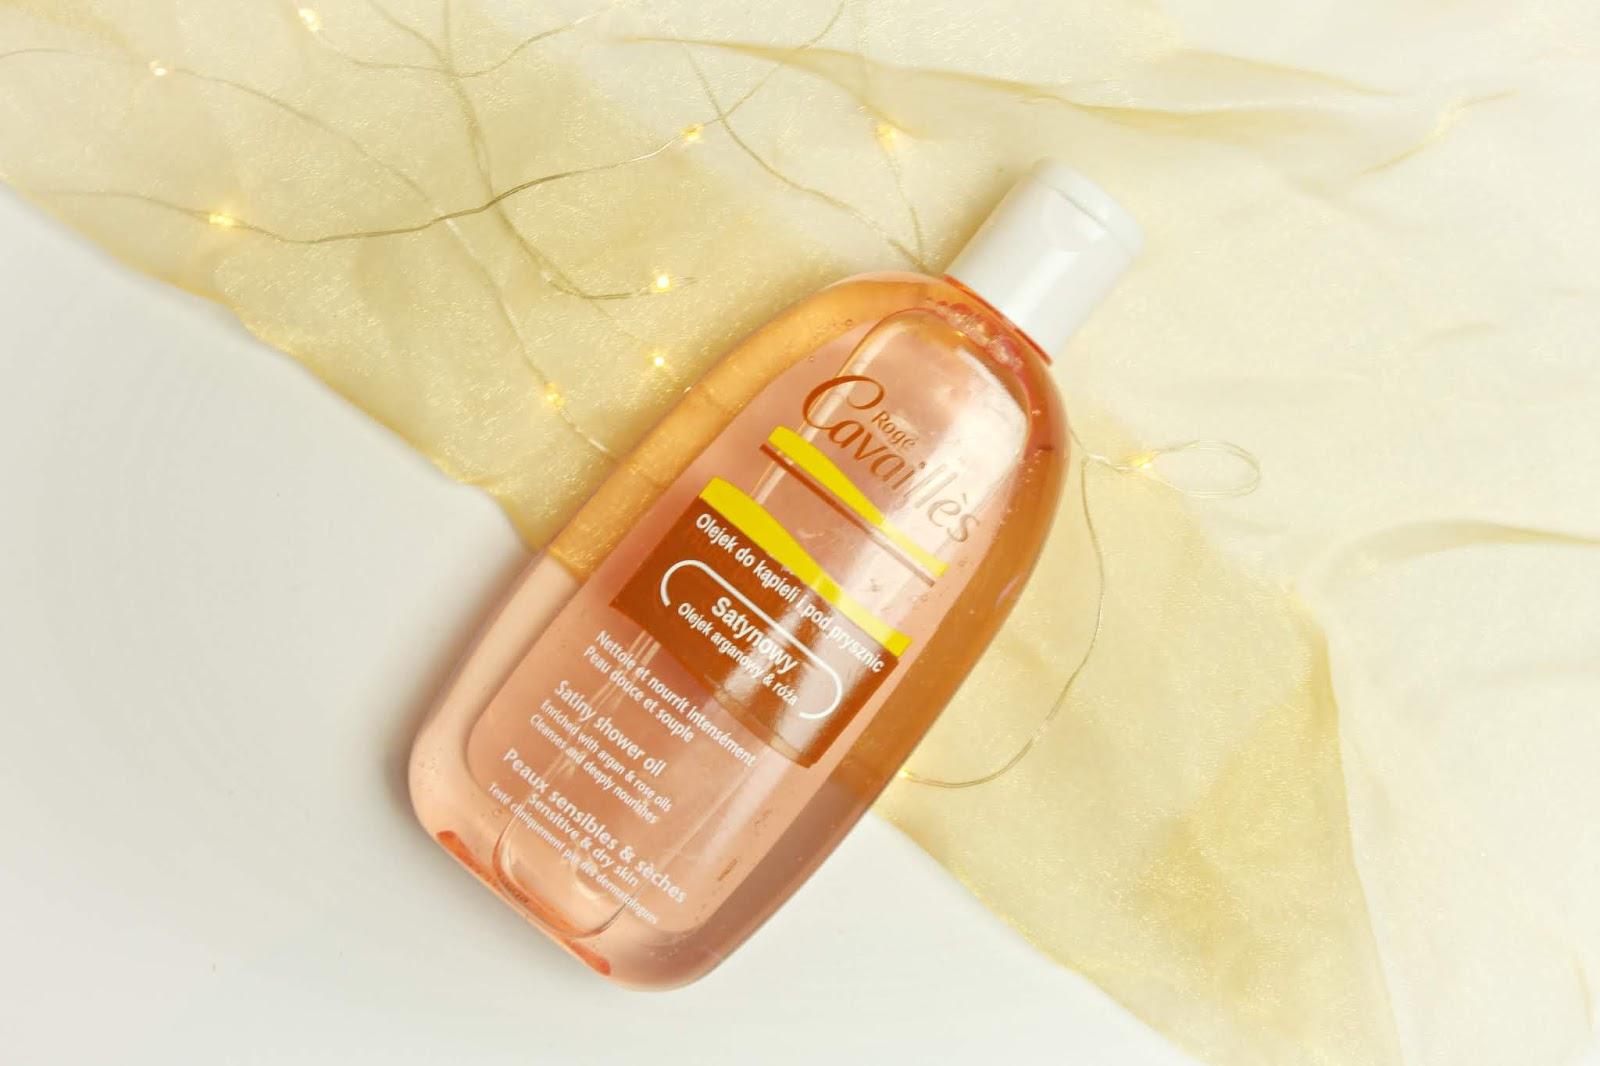 satynowy olejek do kąpieli i pod prysznic roge cavailles